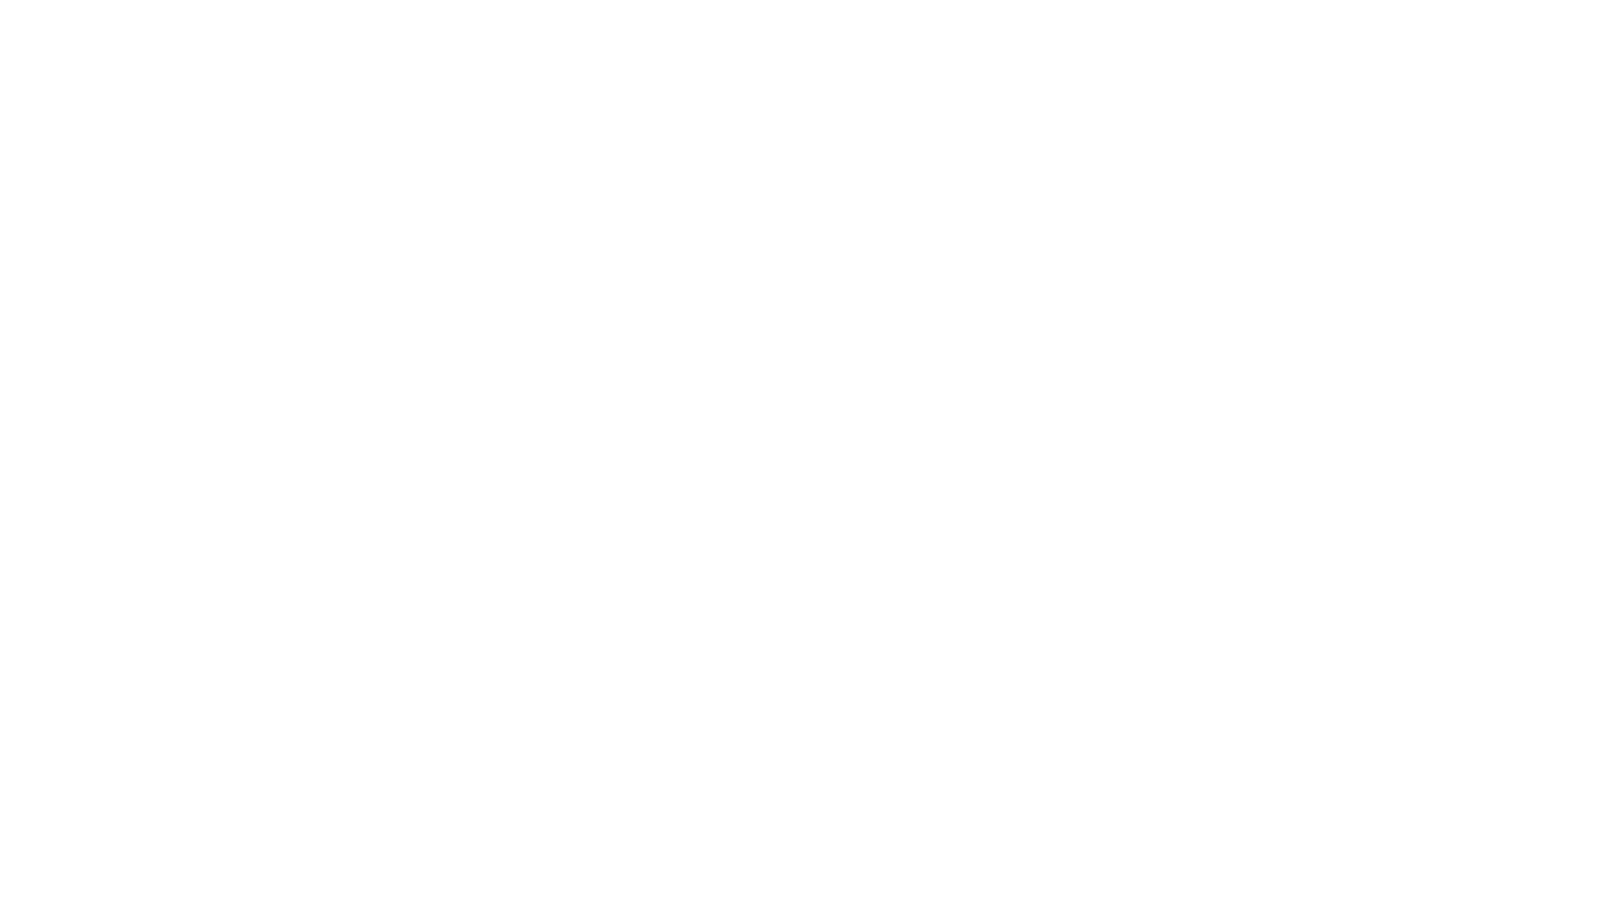 Reupload dari tim VELOX BIN Kegiatan Sosialisasi Adaptasi Kebiasaan Baru  Original video : https://youtu.be/8CF9FlNsKoc